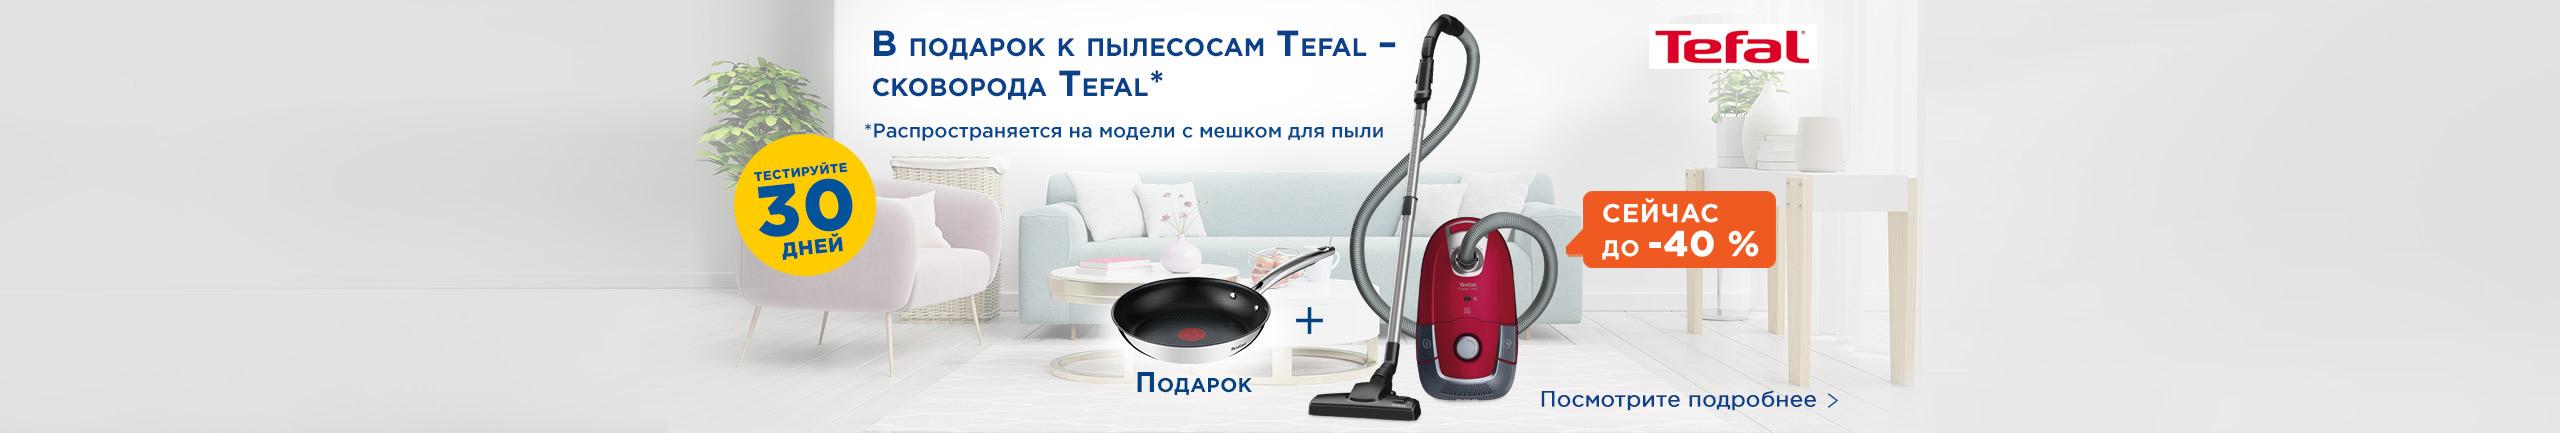 В подарок к пылесосам Tefal – сковорода Tefal!